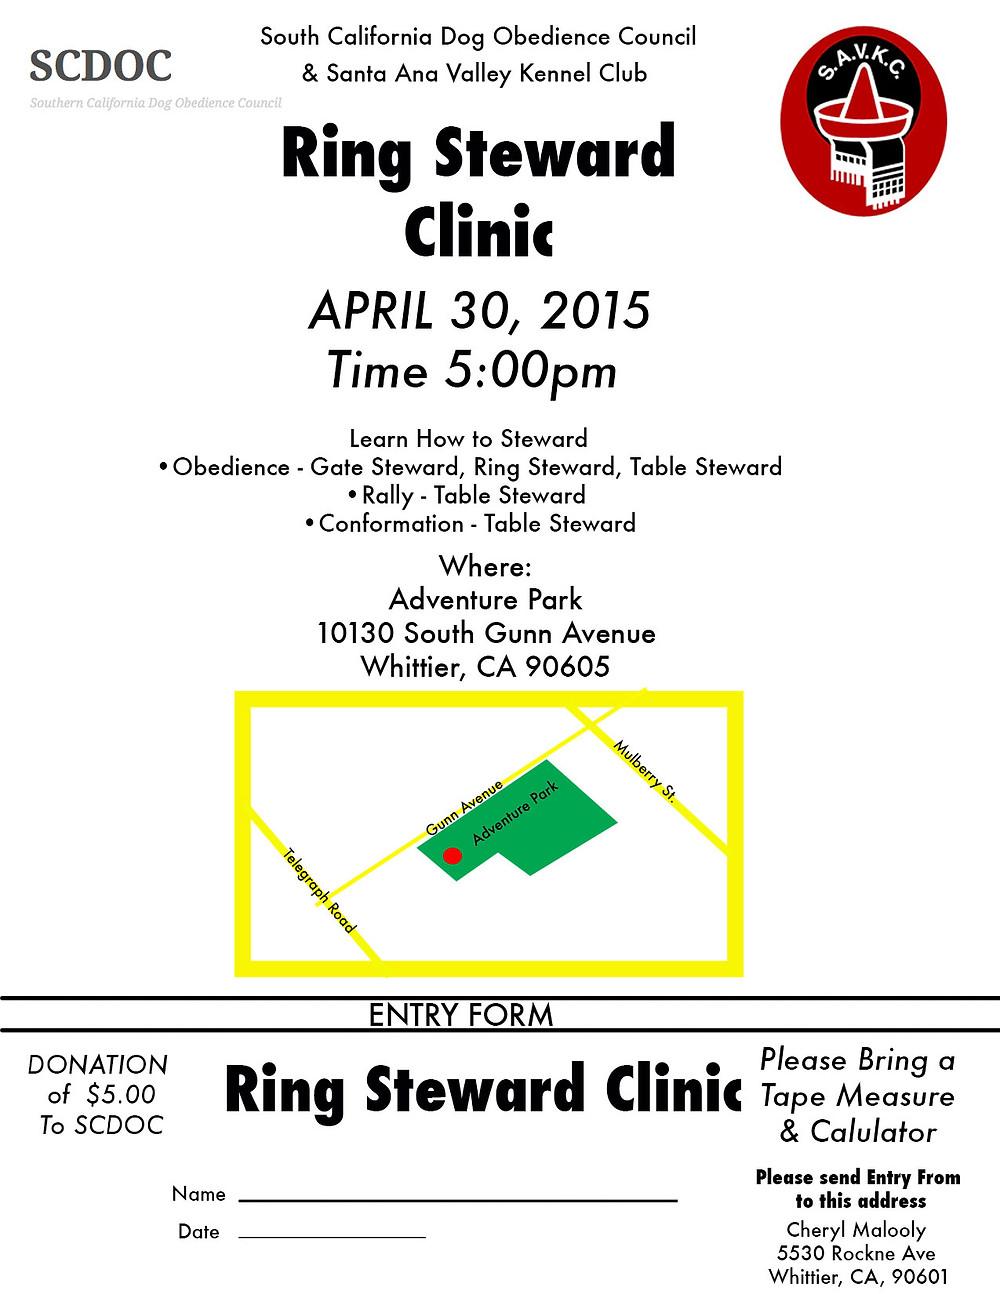 ATT_1426947582356_Ring-Steward-Clinic-2.jpg